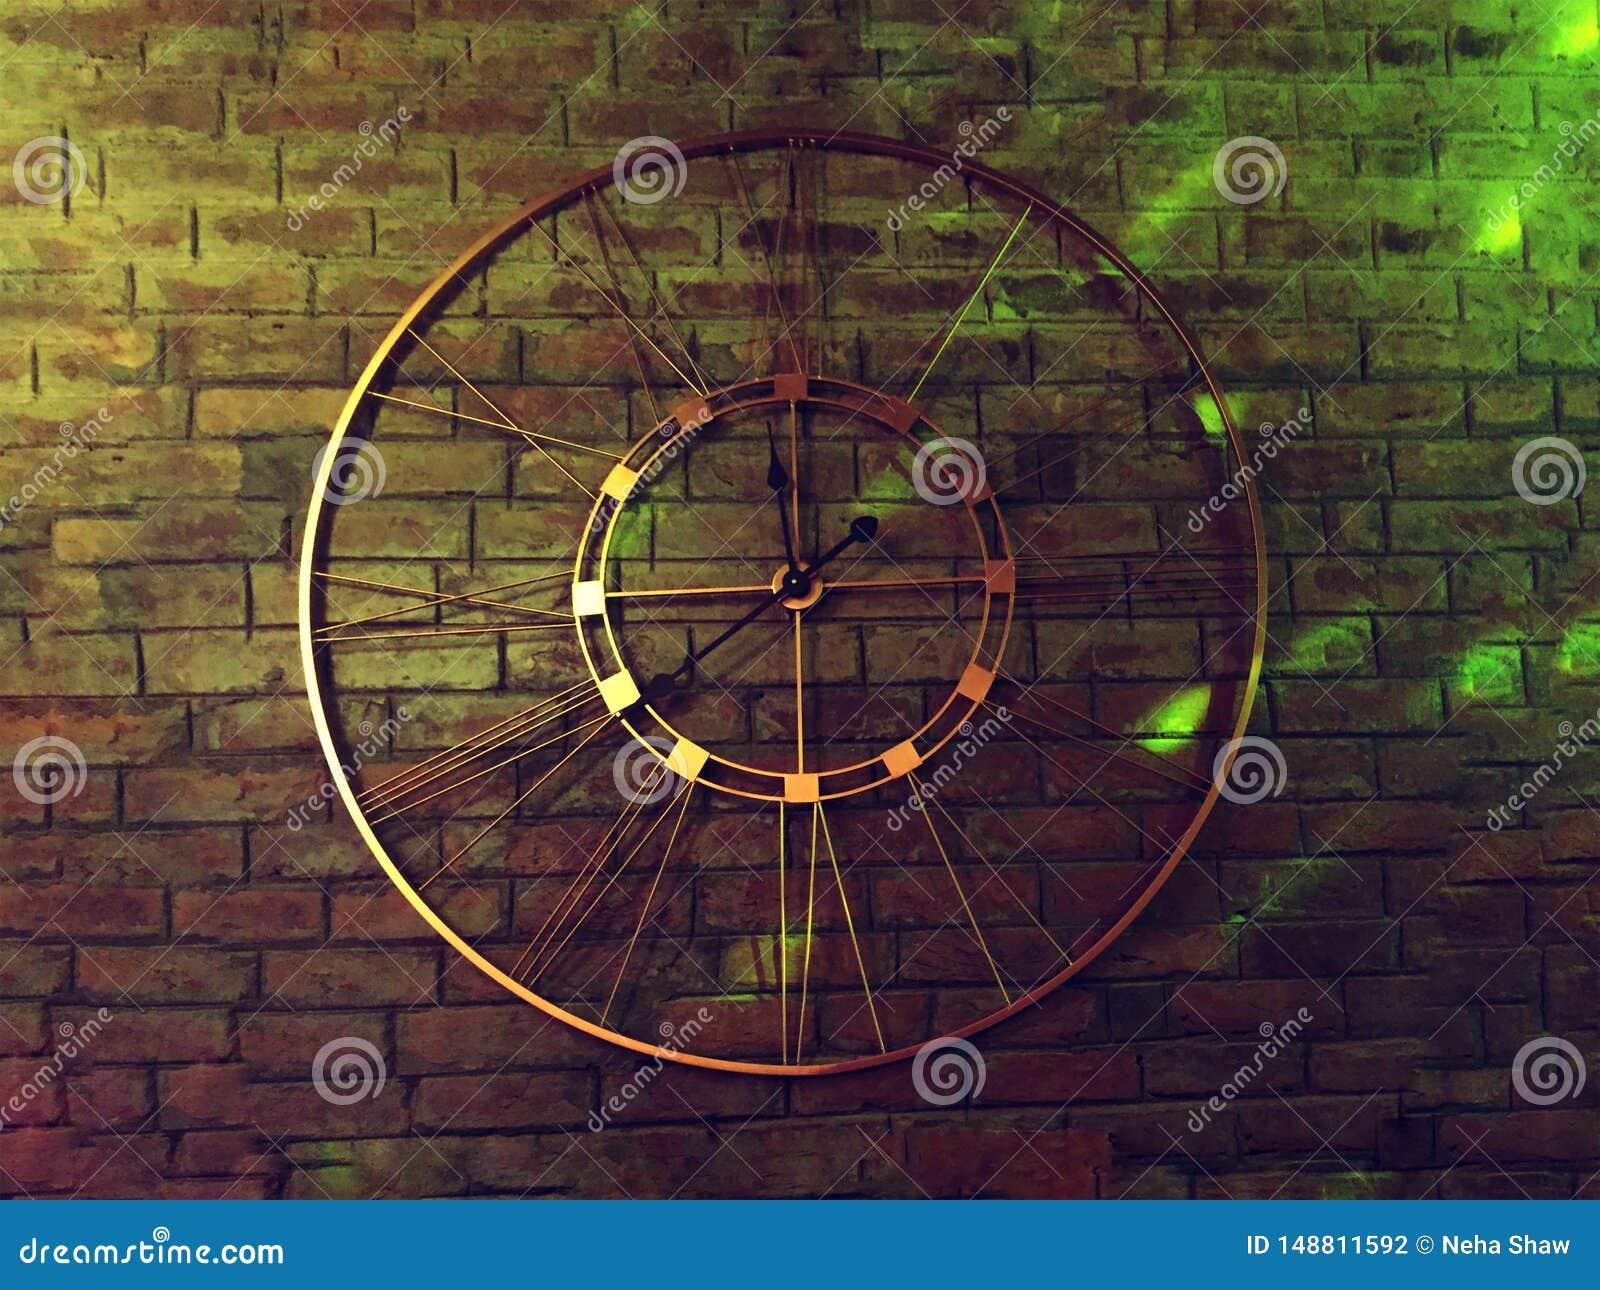 A metal clock on a brick wall